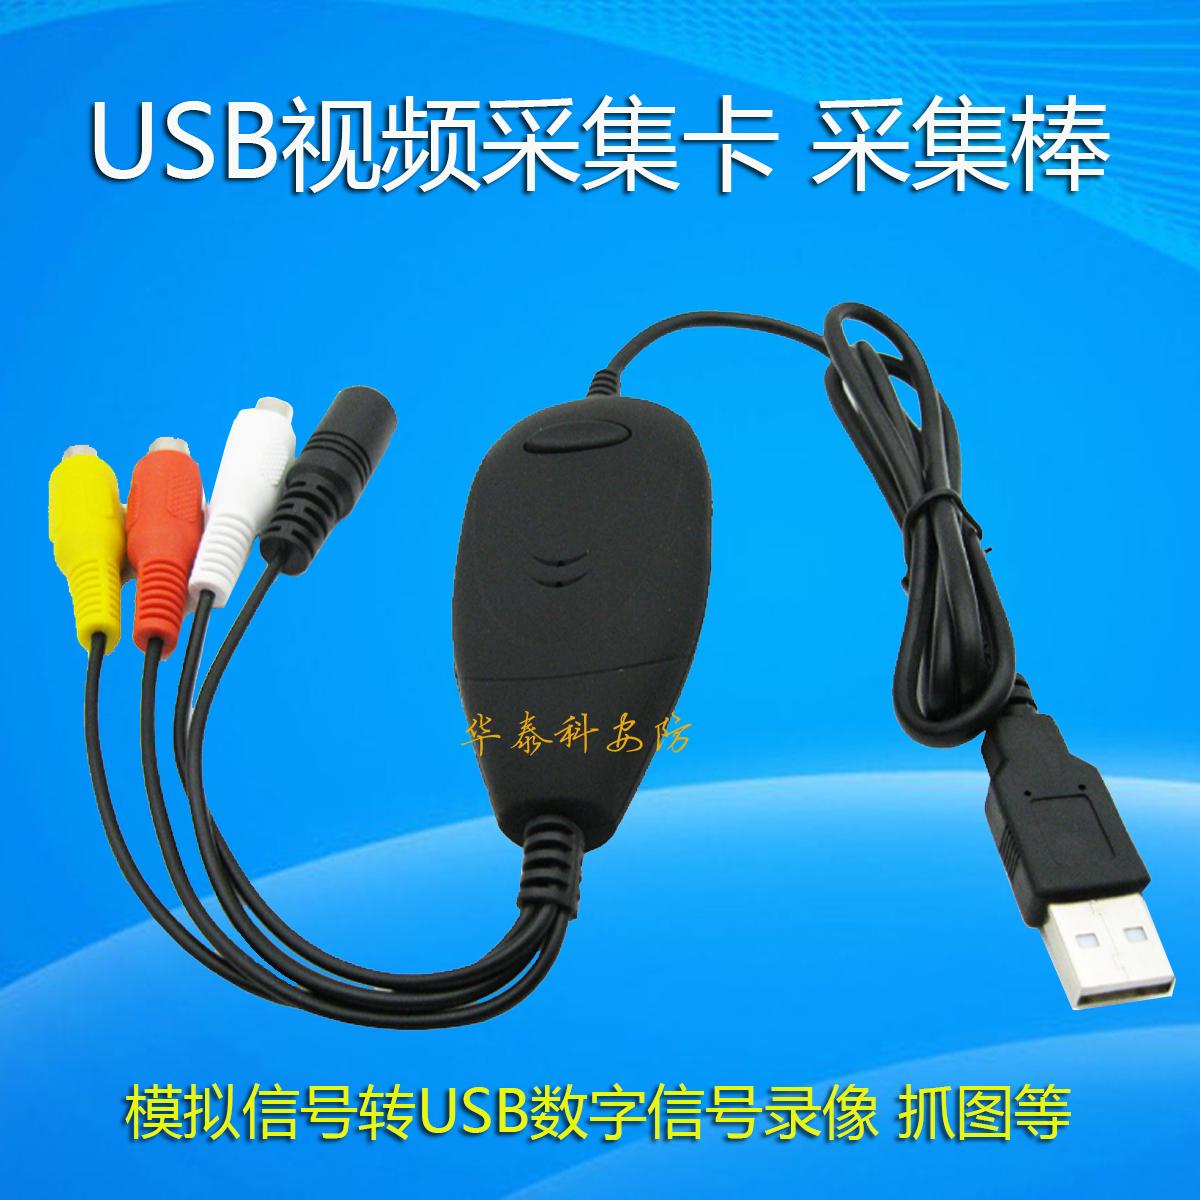 USB视频采集卡高端电子仪器 医疗显微镜内窥腔镜图像录像图片抓图